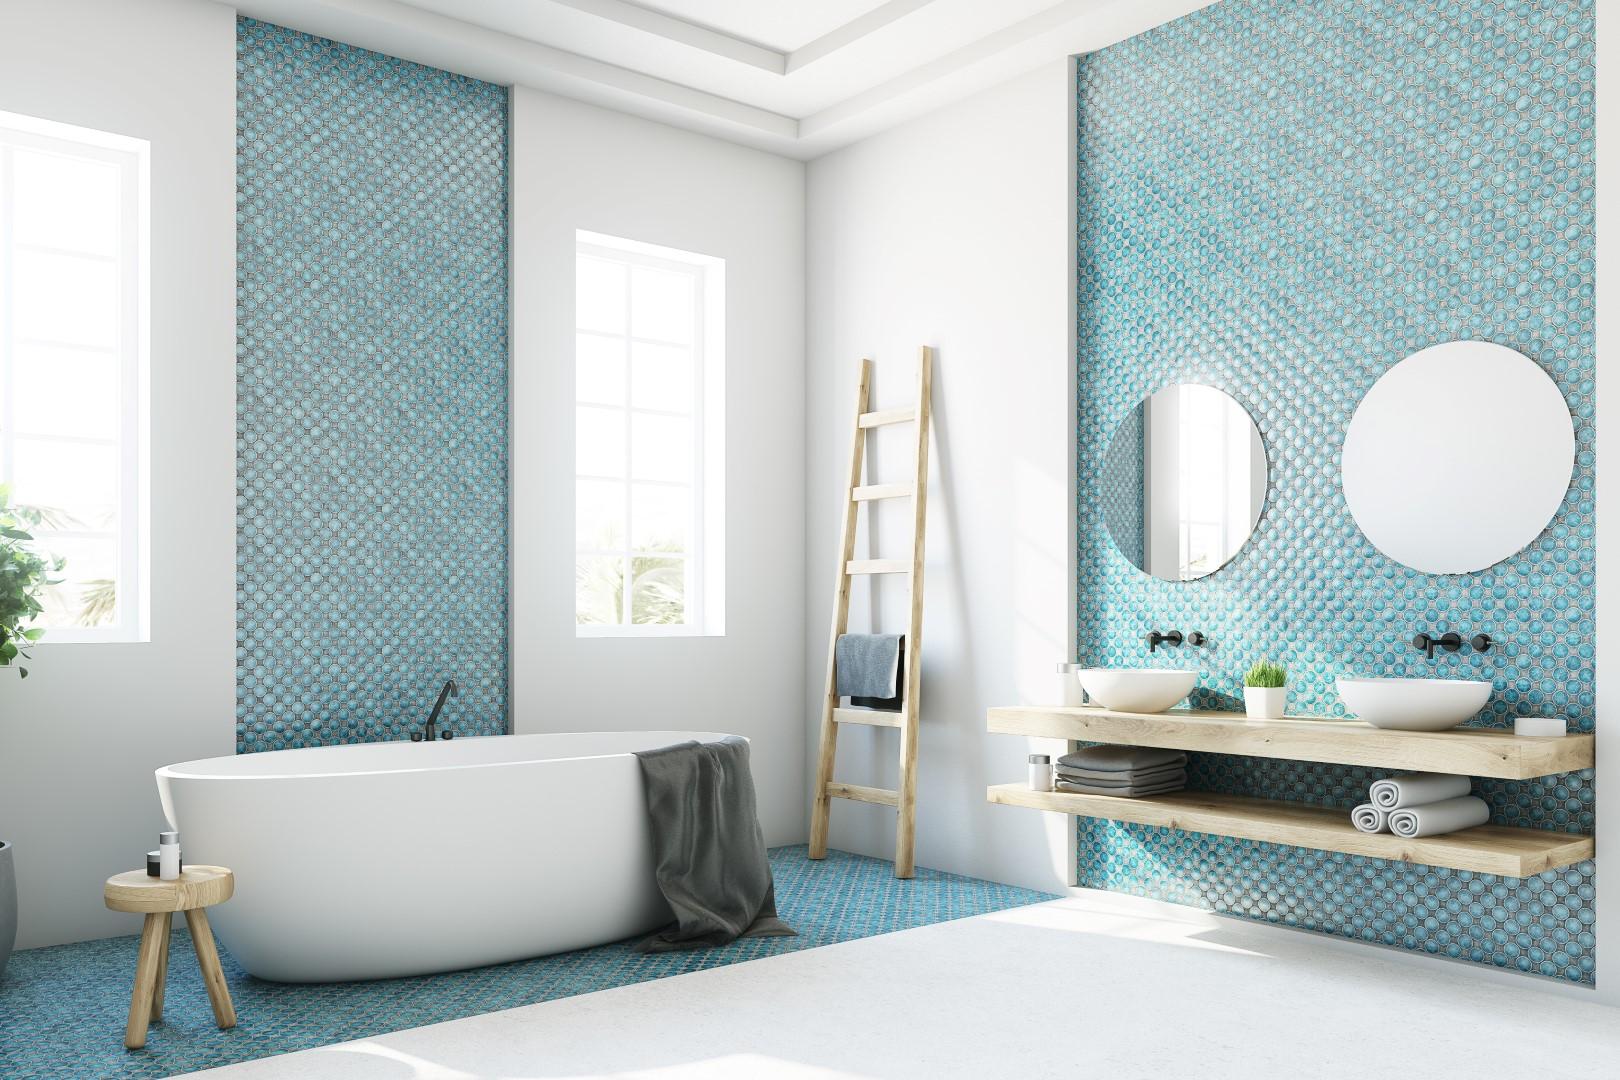 5 Incredible Tiles Ideas